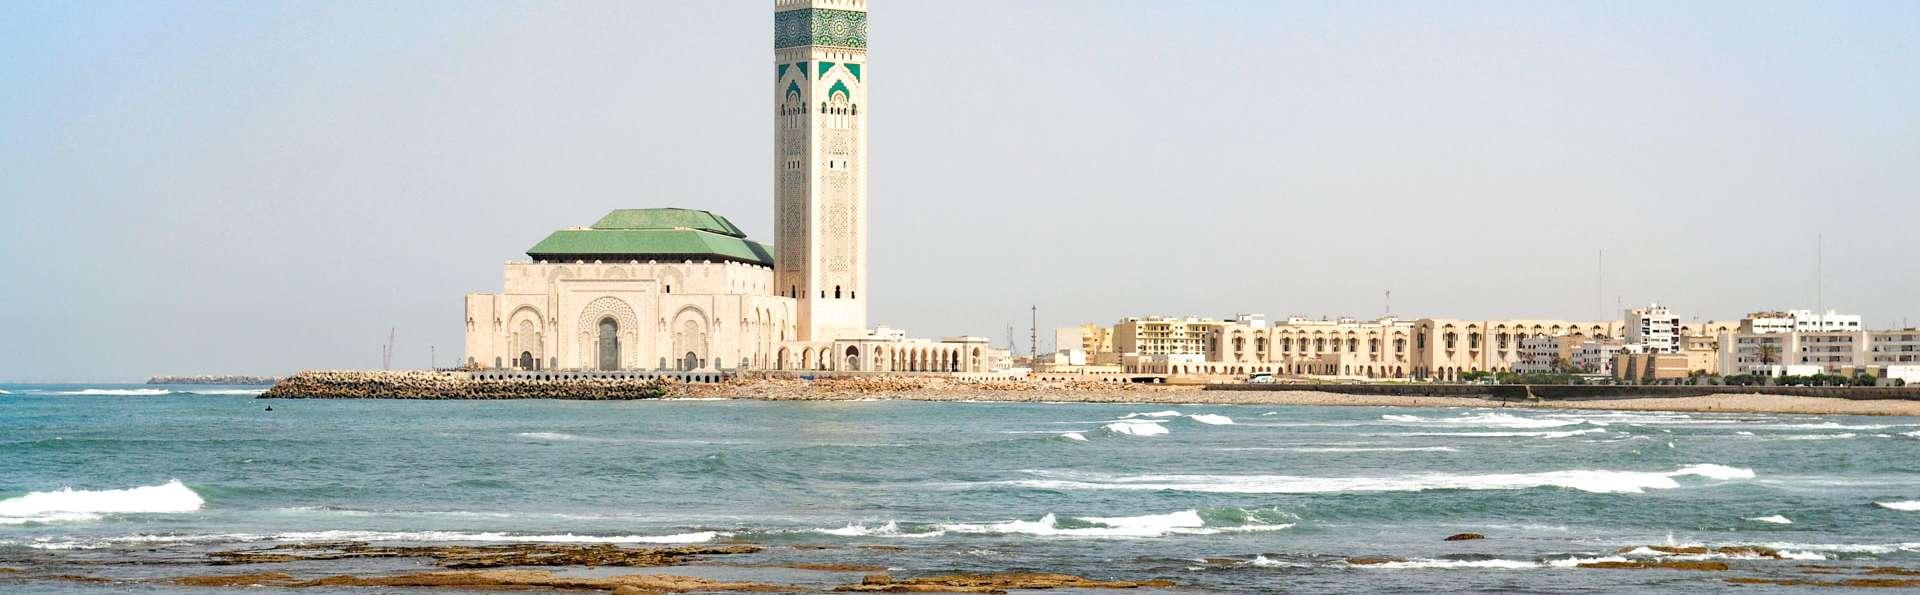 Hyatt Regency Casablanca - EDIT_DESTINATION_01.jpg